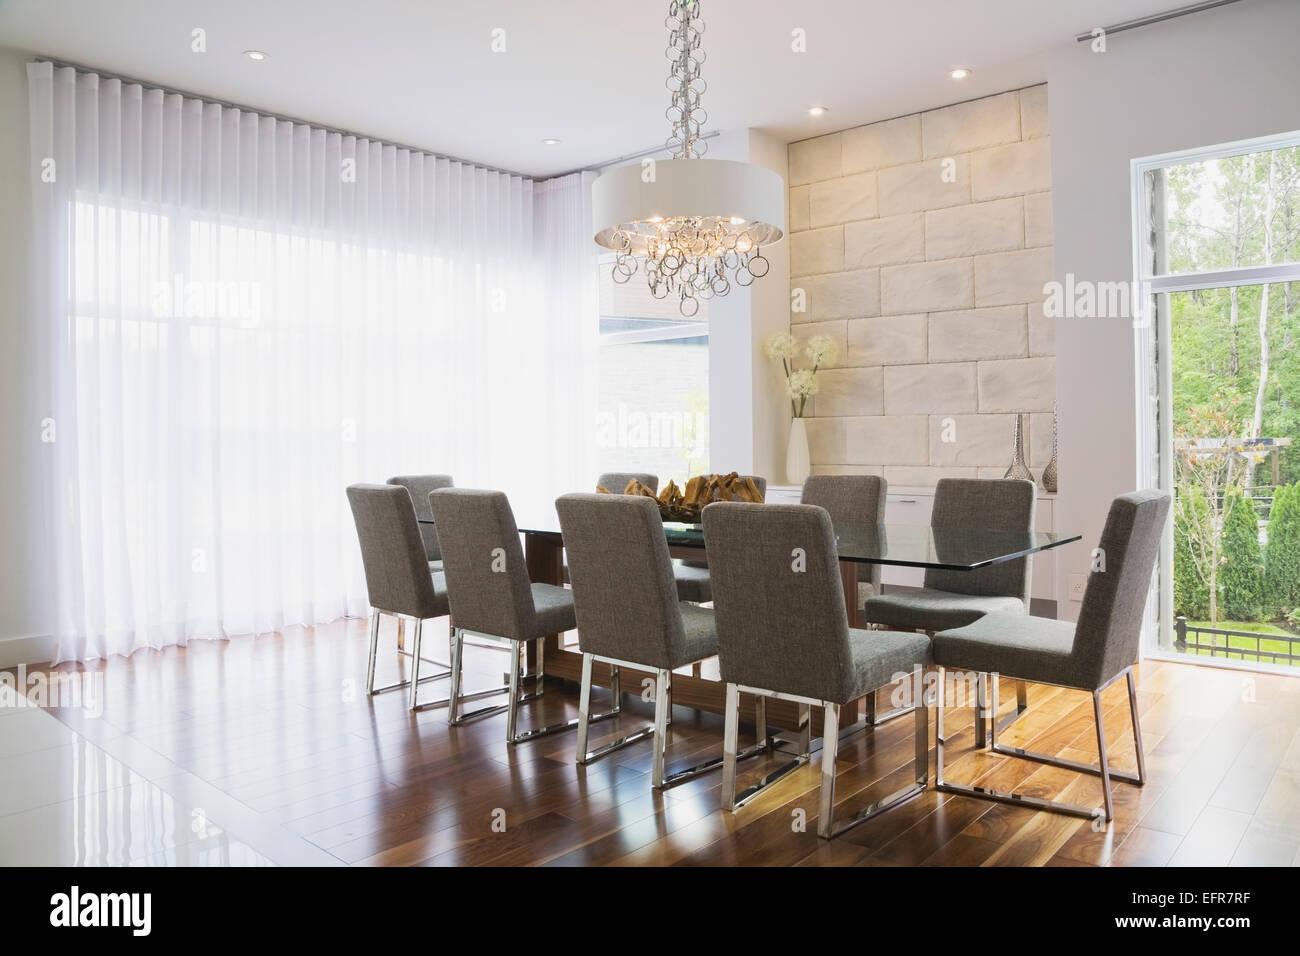 Modernes Interior Design Luxus Esszimmer Mit Glas Esstisch Und Grau  Gepolstert Esszimmerstühle